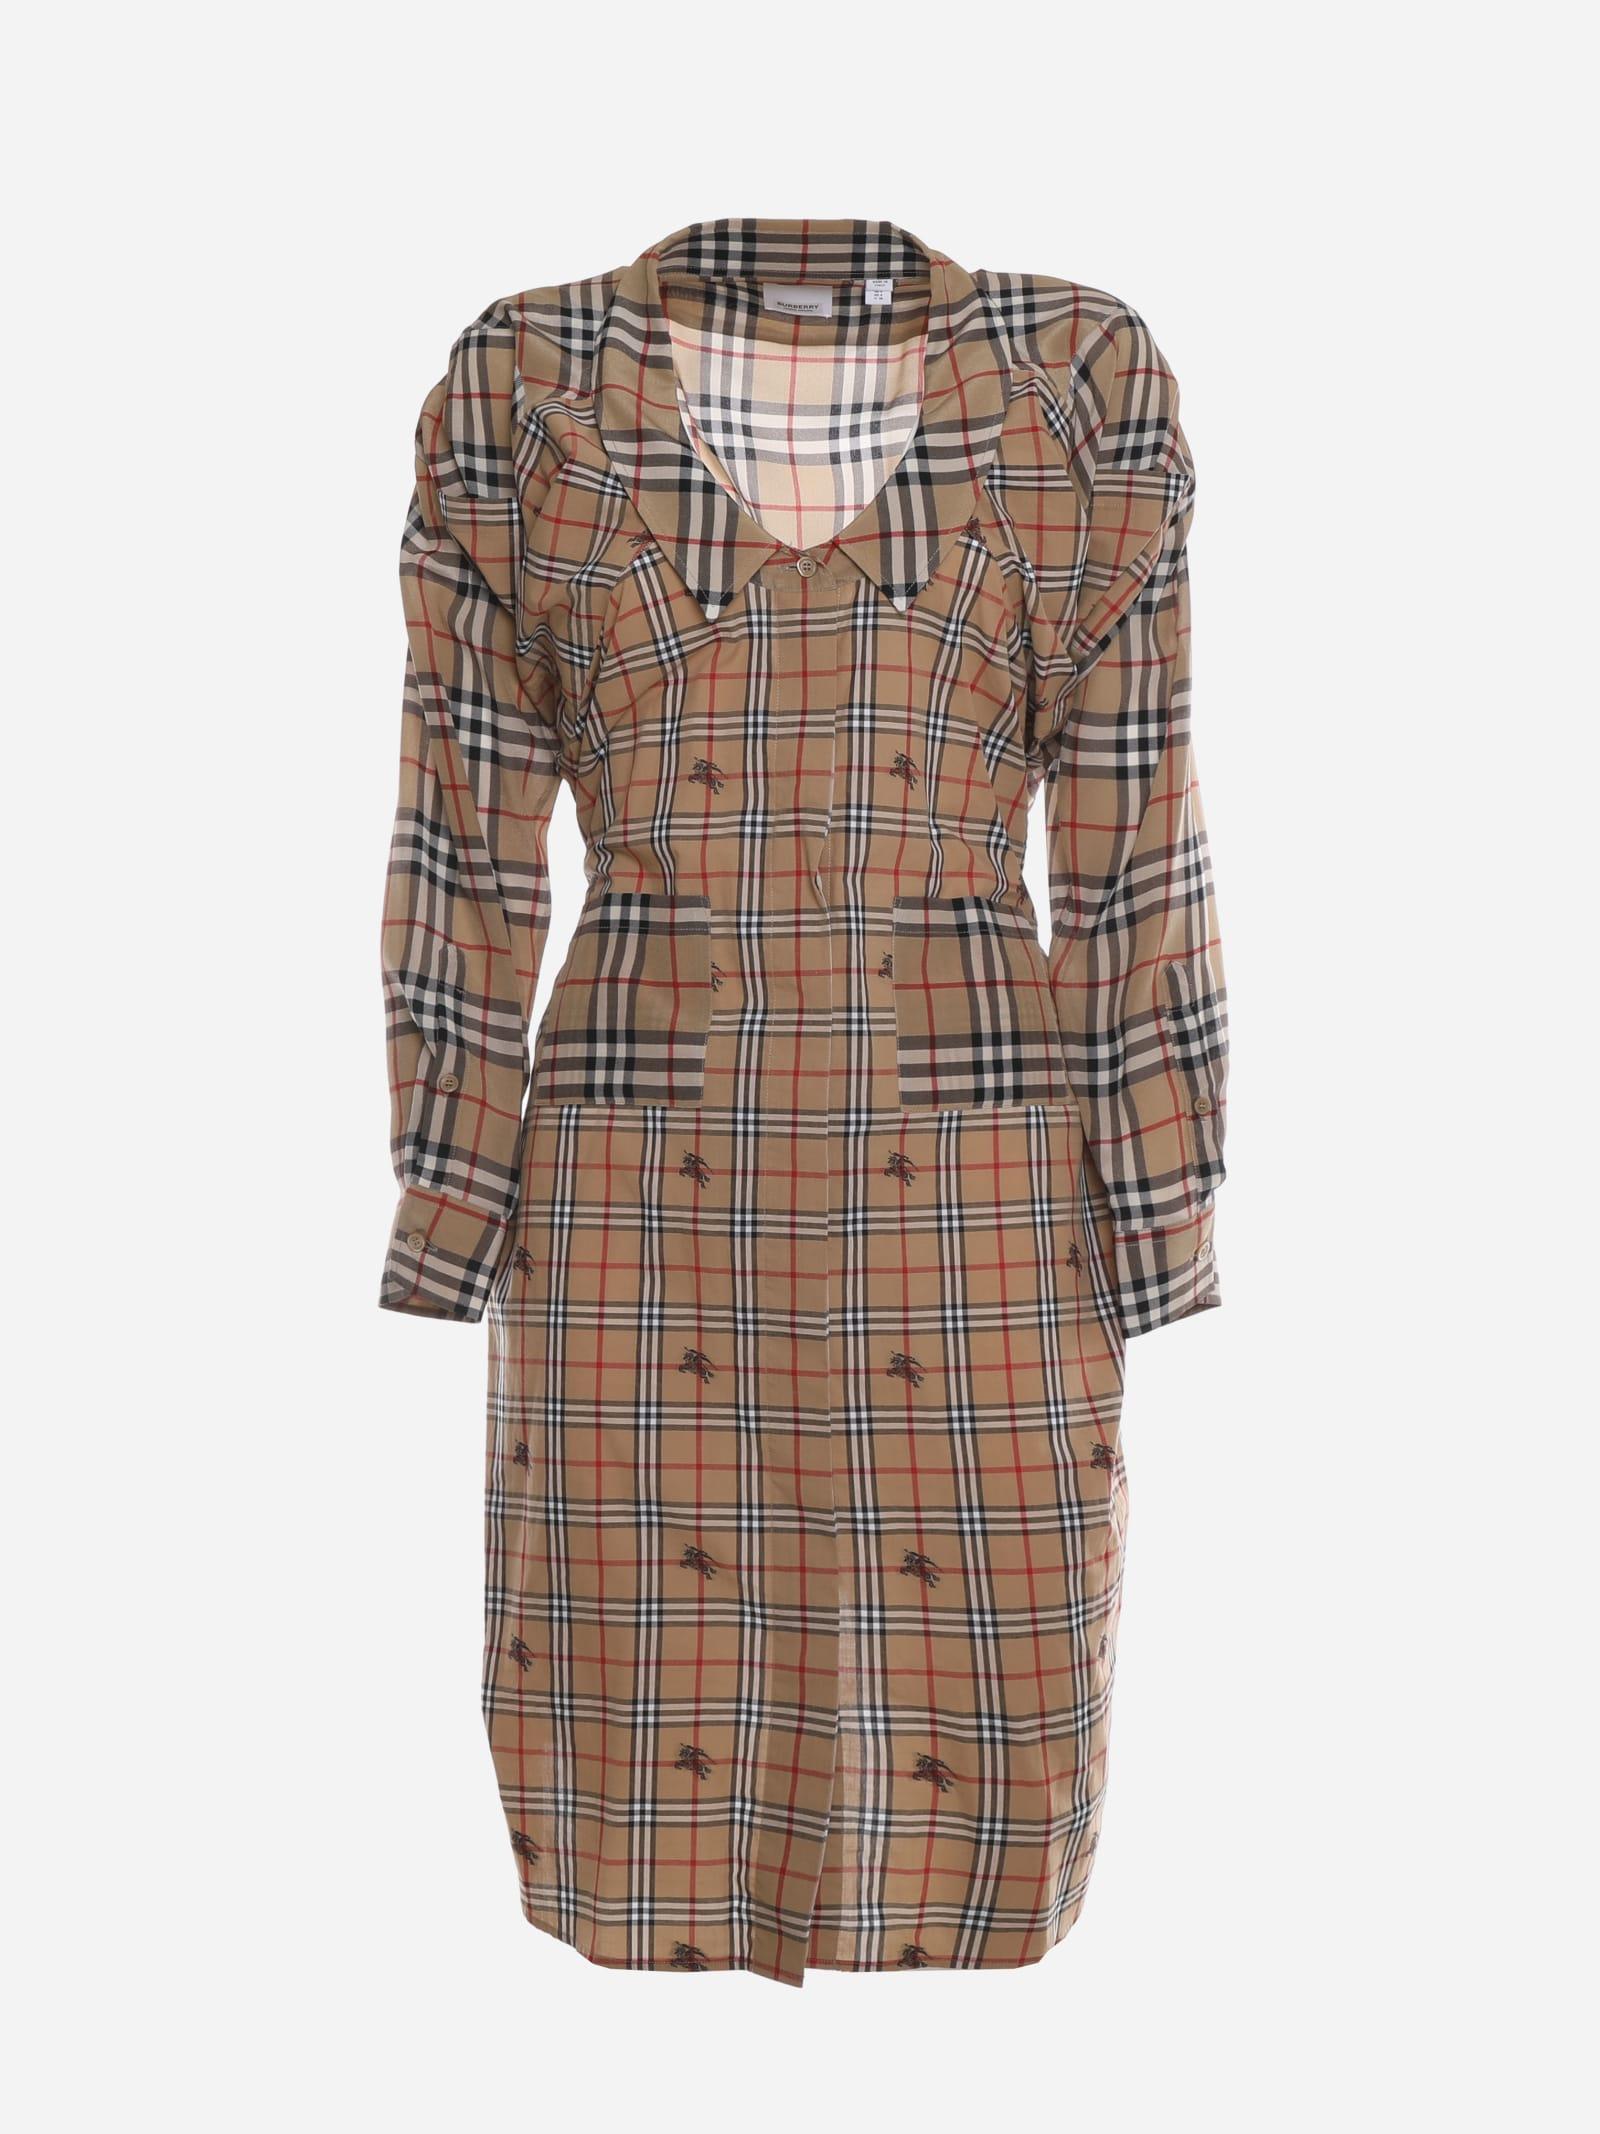 Burberry Cotton Shirt Dress